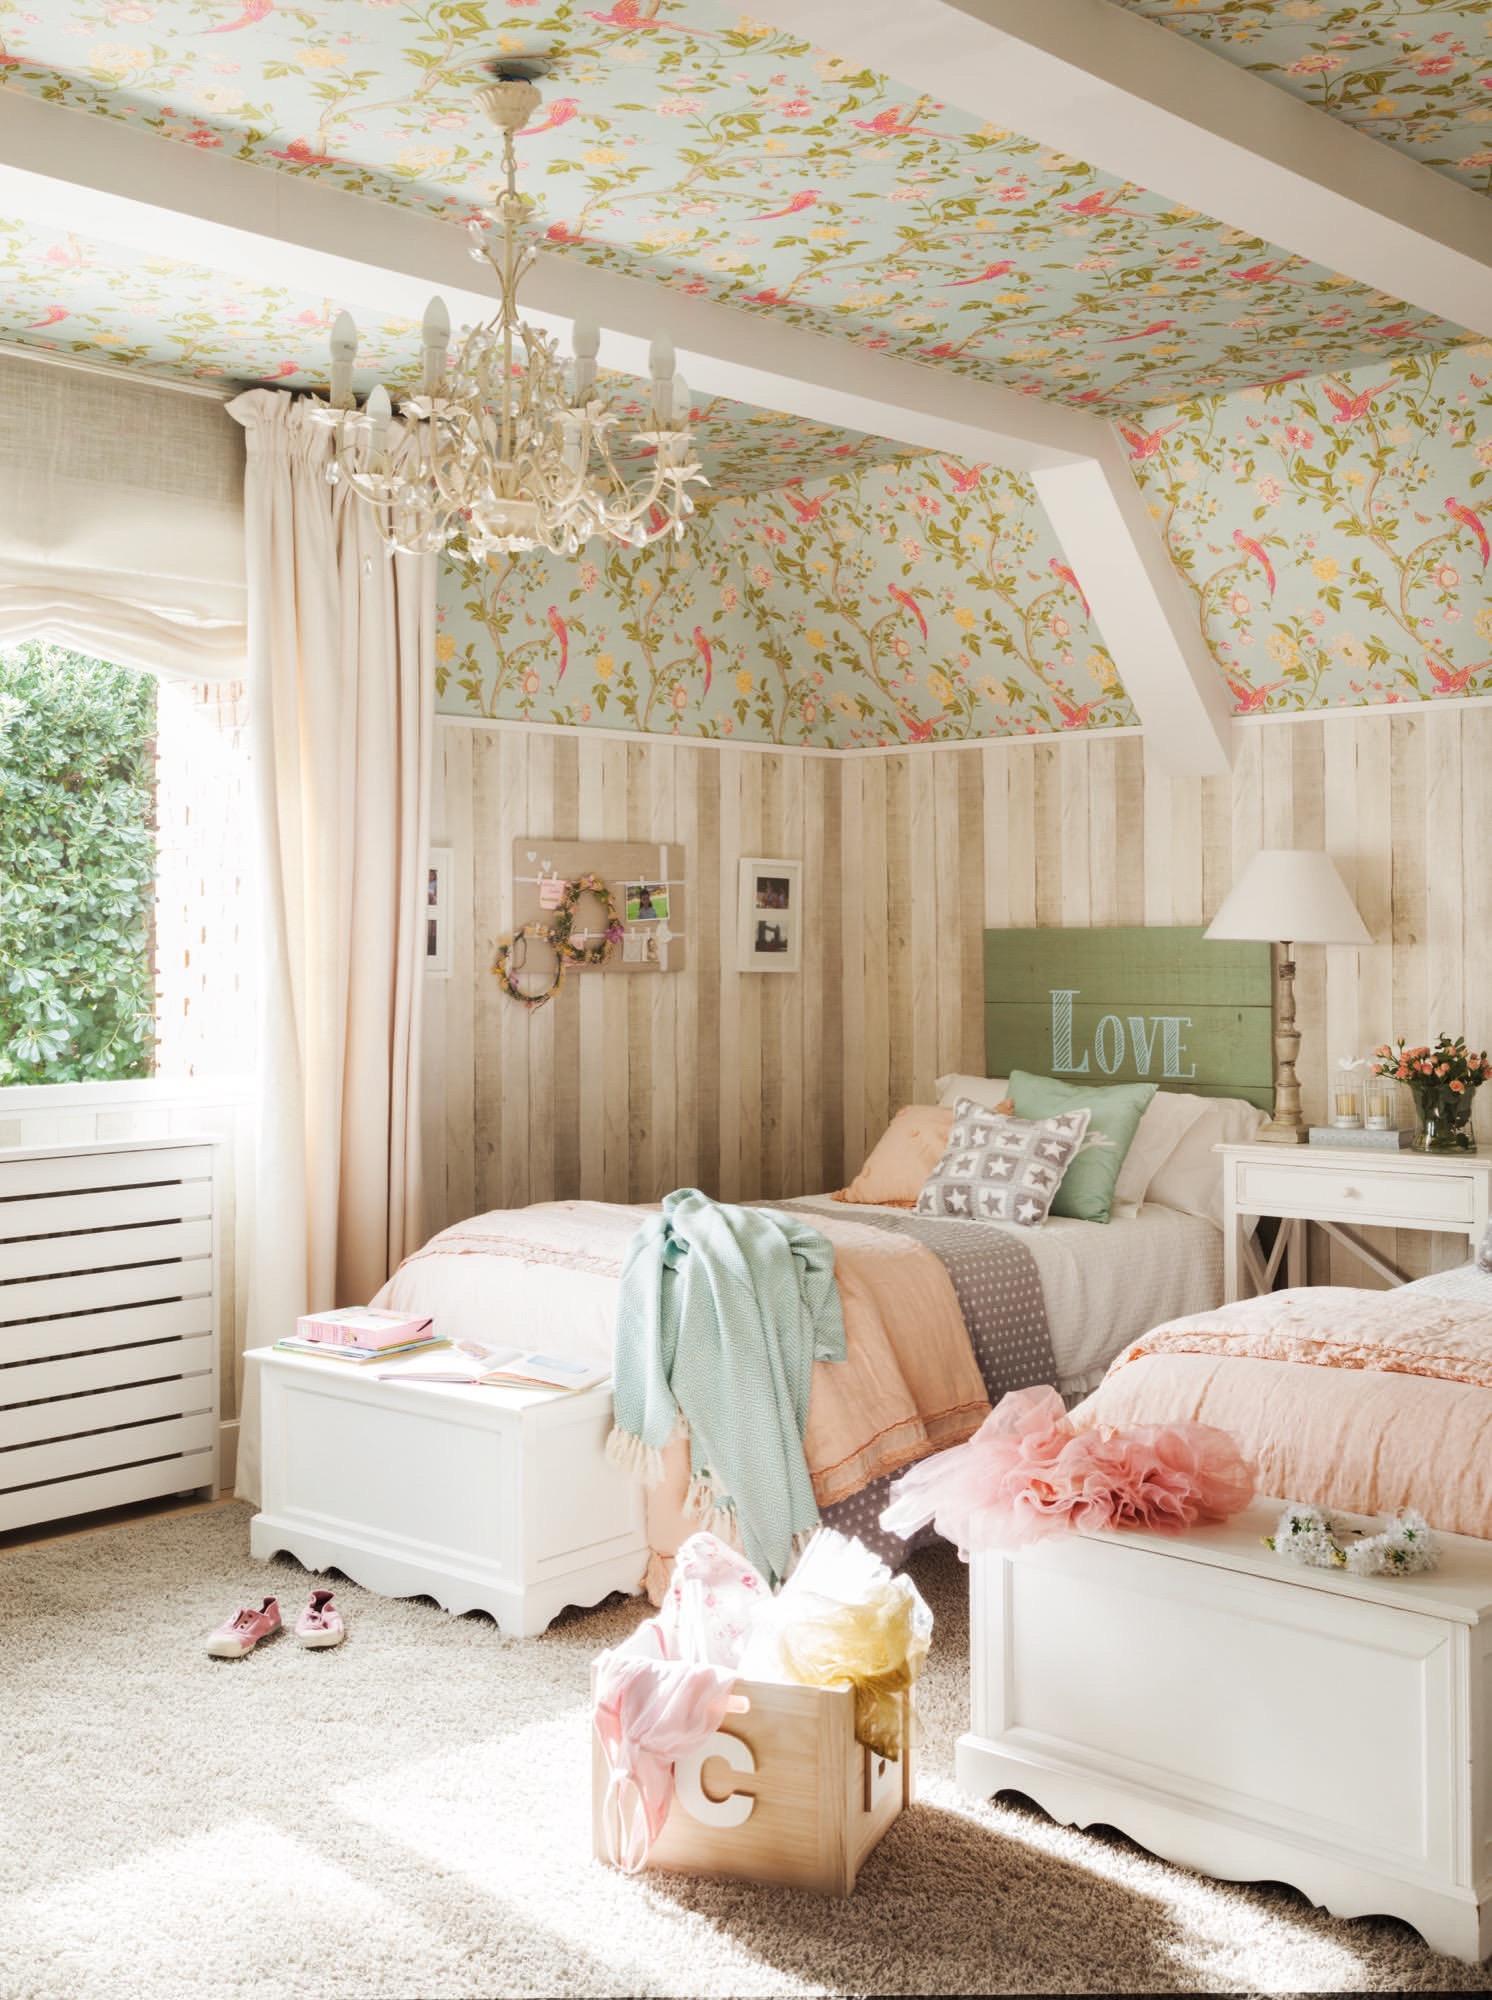 Una casa con muchos papeles pintados - Papeles pintados dormitorios ...